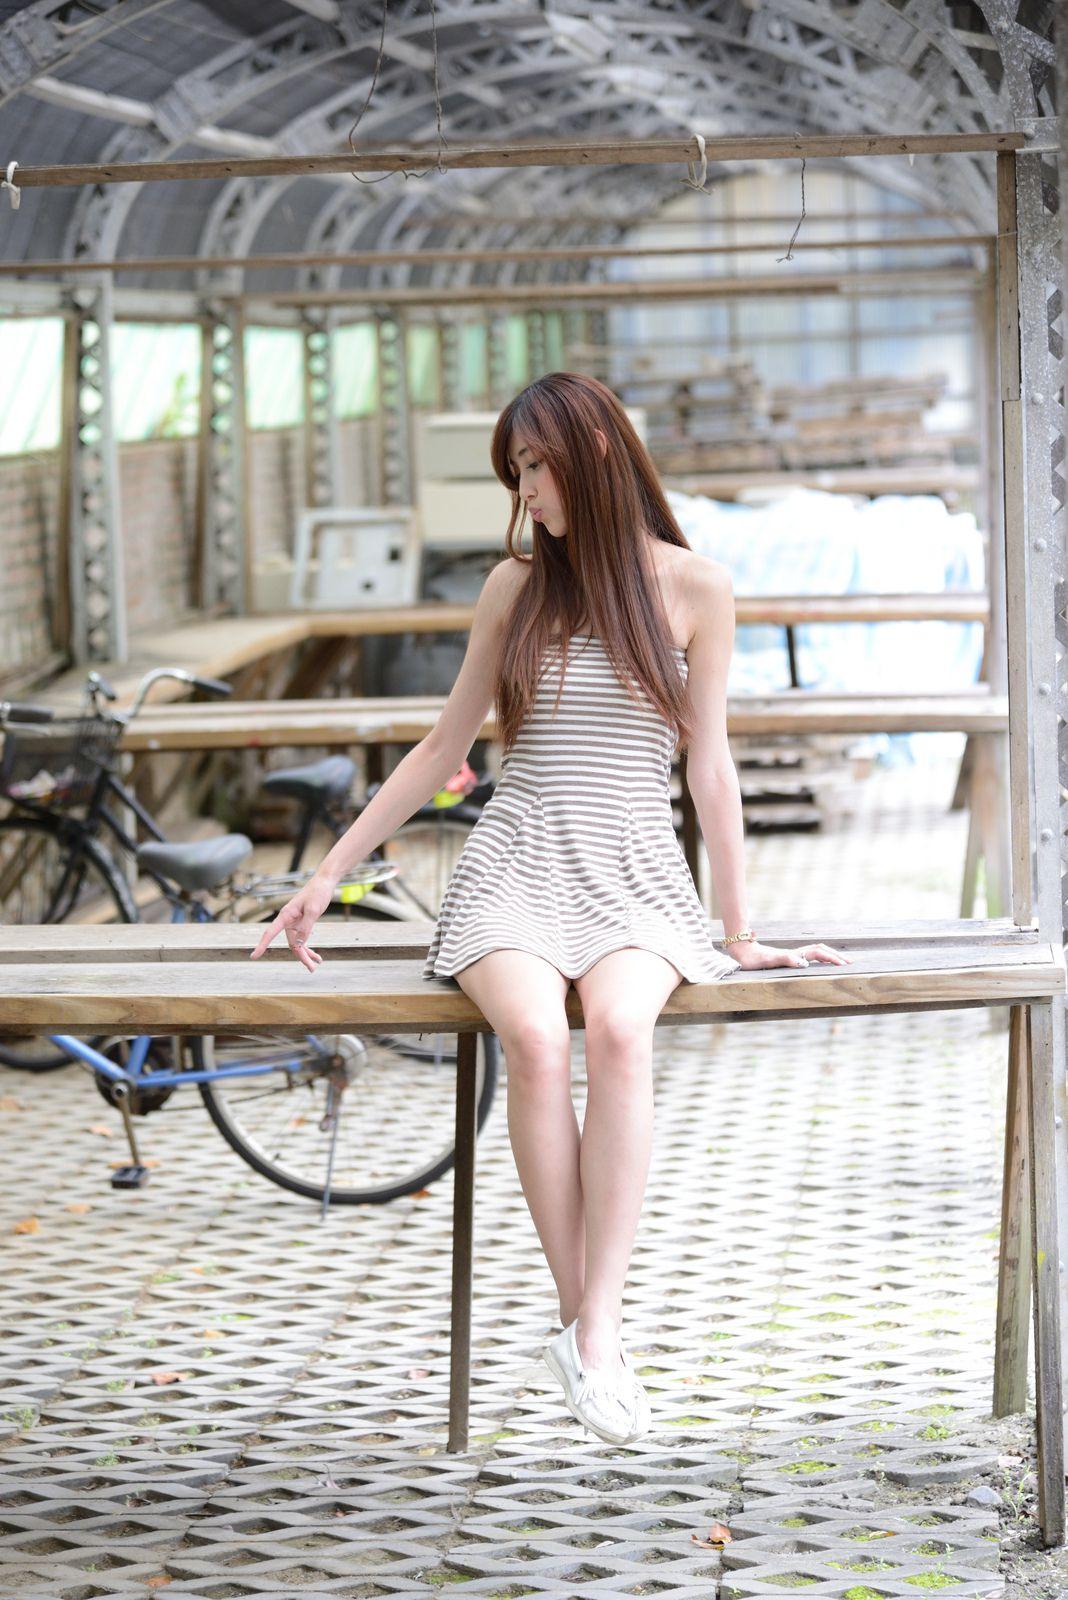 VOL.146 [台湾正妹]超短裙清新养眼户外美女:金允乔(廖挺伶,kila晶晶)高品质写真套图(71P)